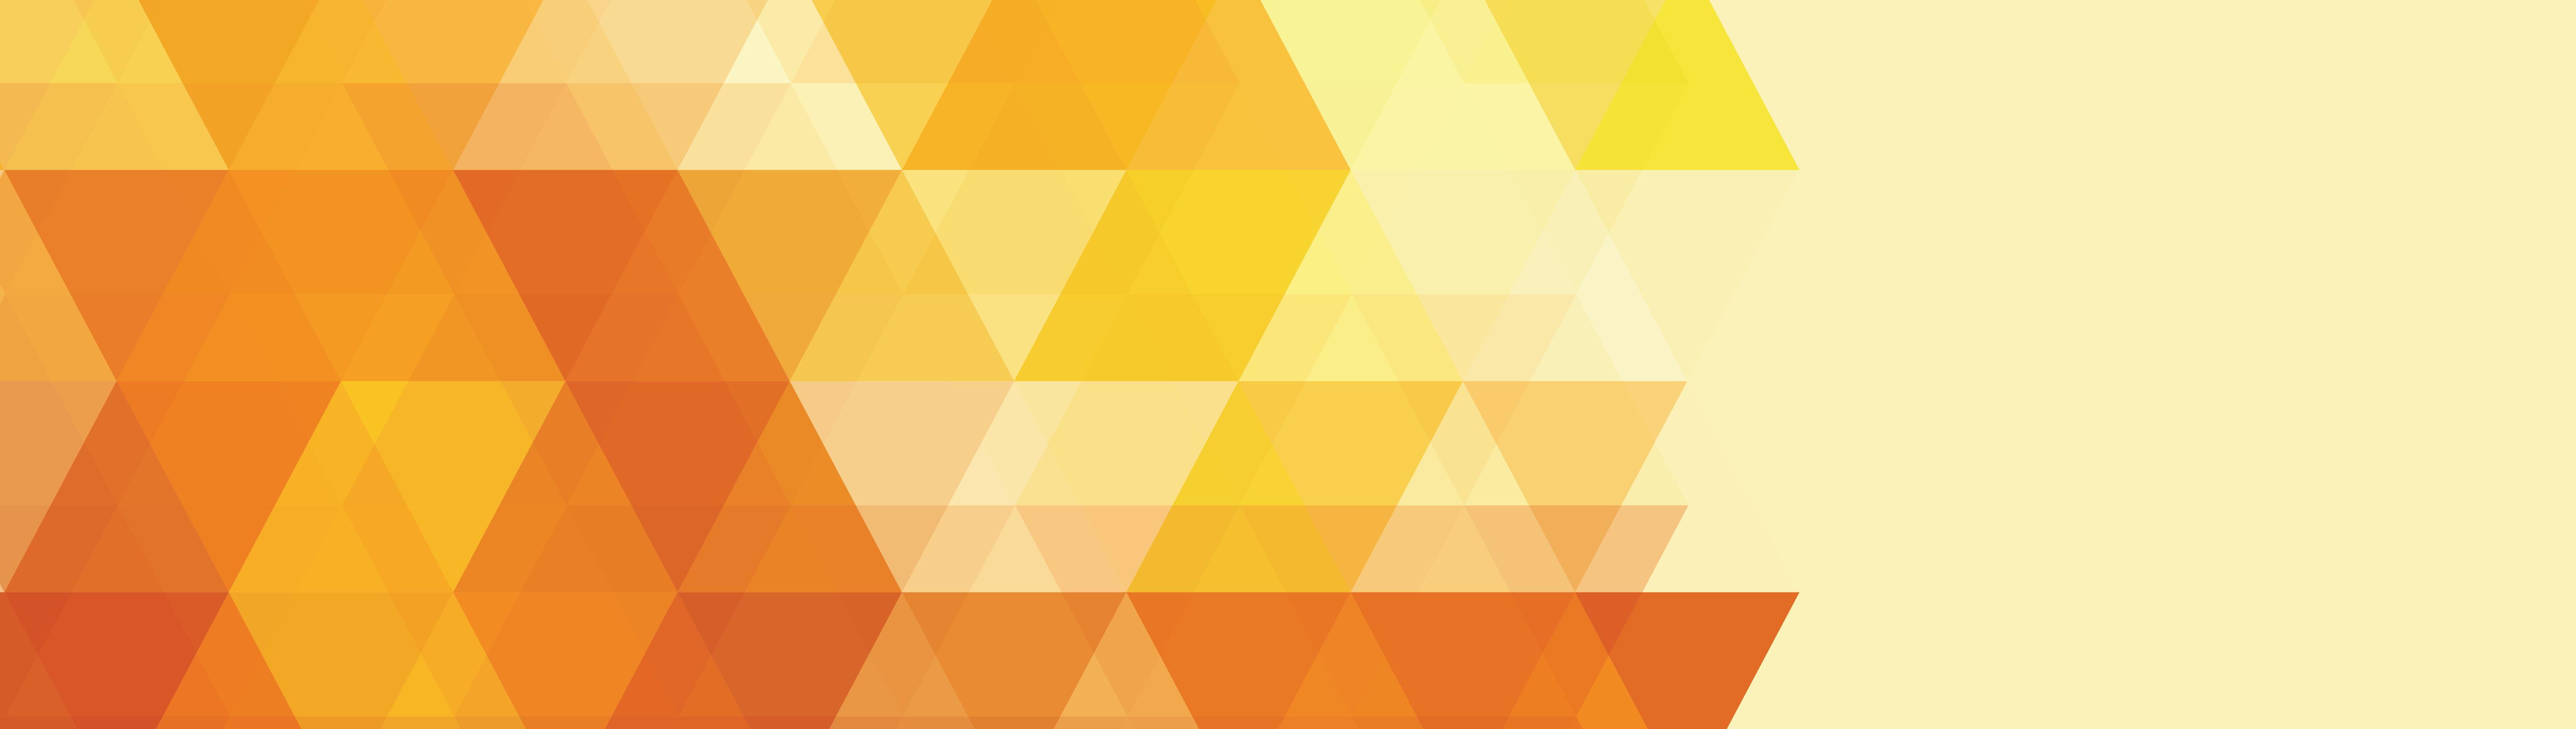 Color enhances web pages